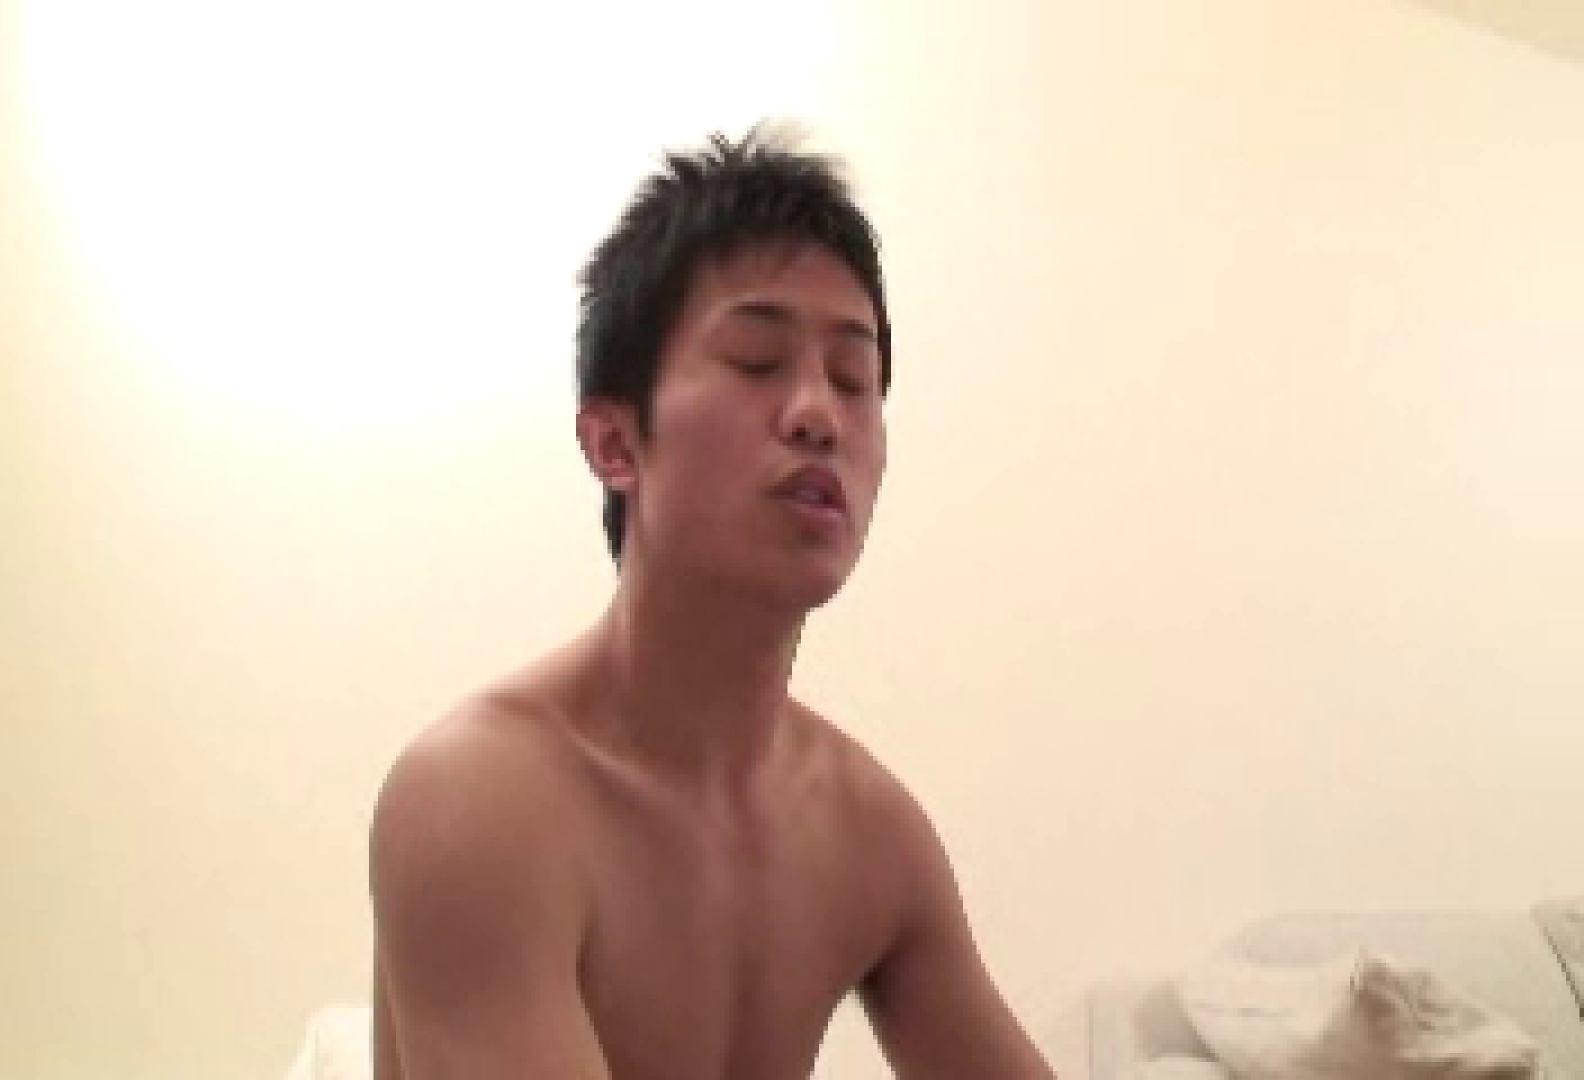 すぽコン!!マッスルFinish!!Part.03 オナニー | AV アダルトビデオ画像キャプチャ 103pic 1